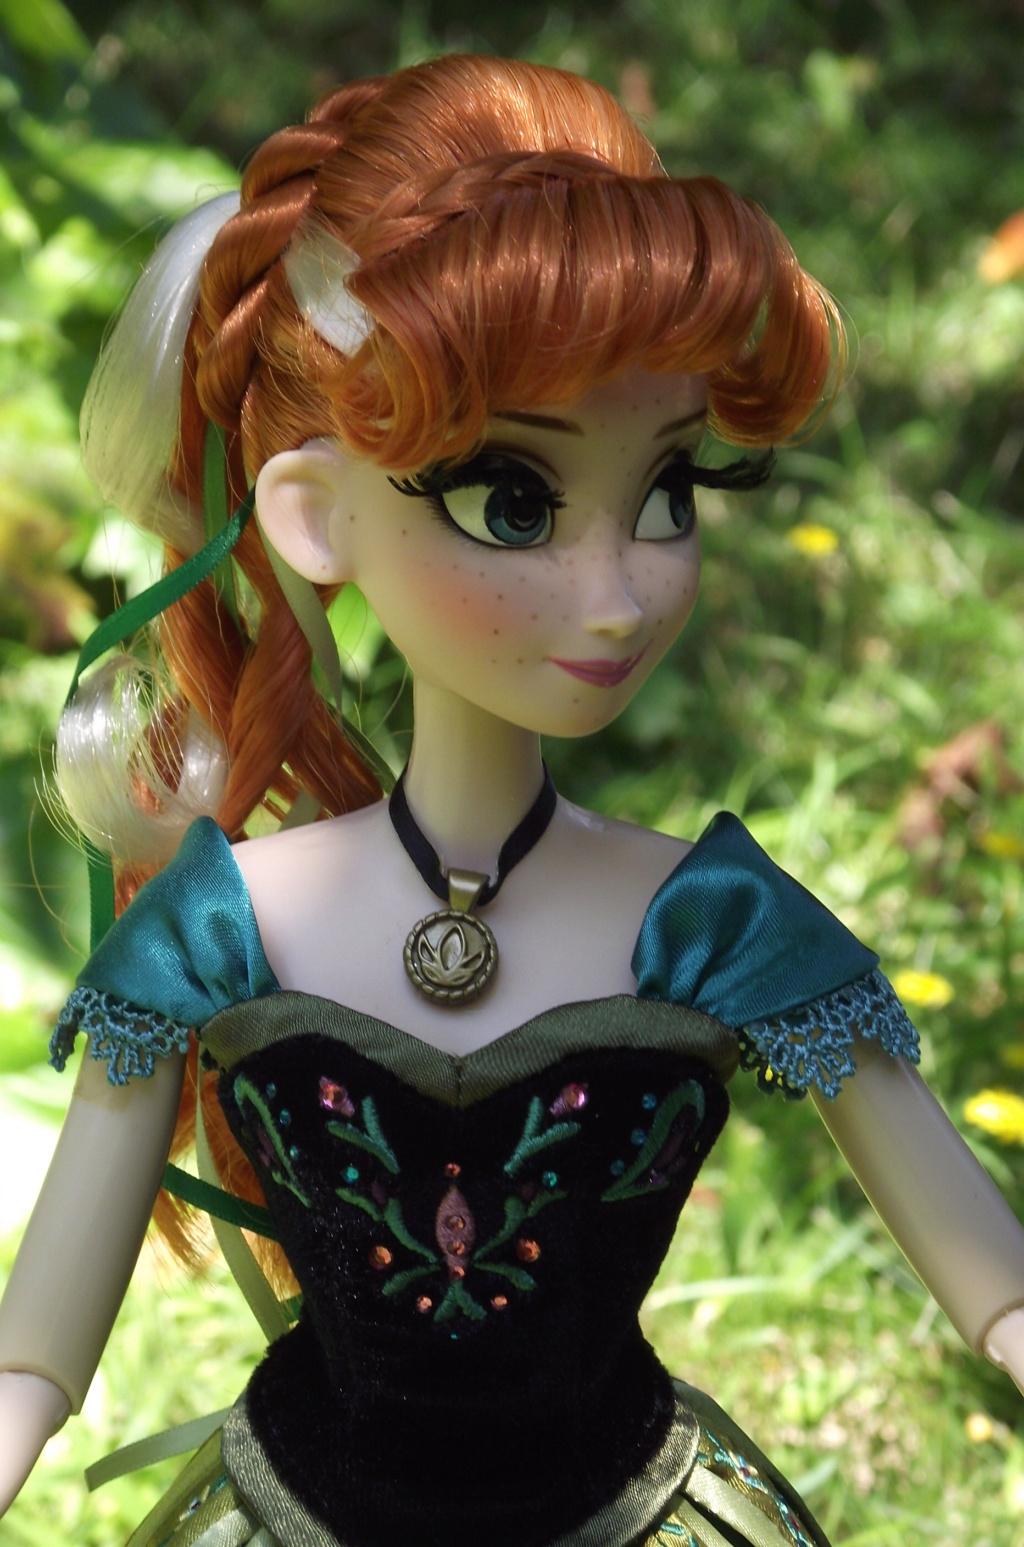 Nos poupées LE en photo : Pour le plaisir de partager - Page 29 Dscf4112